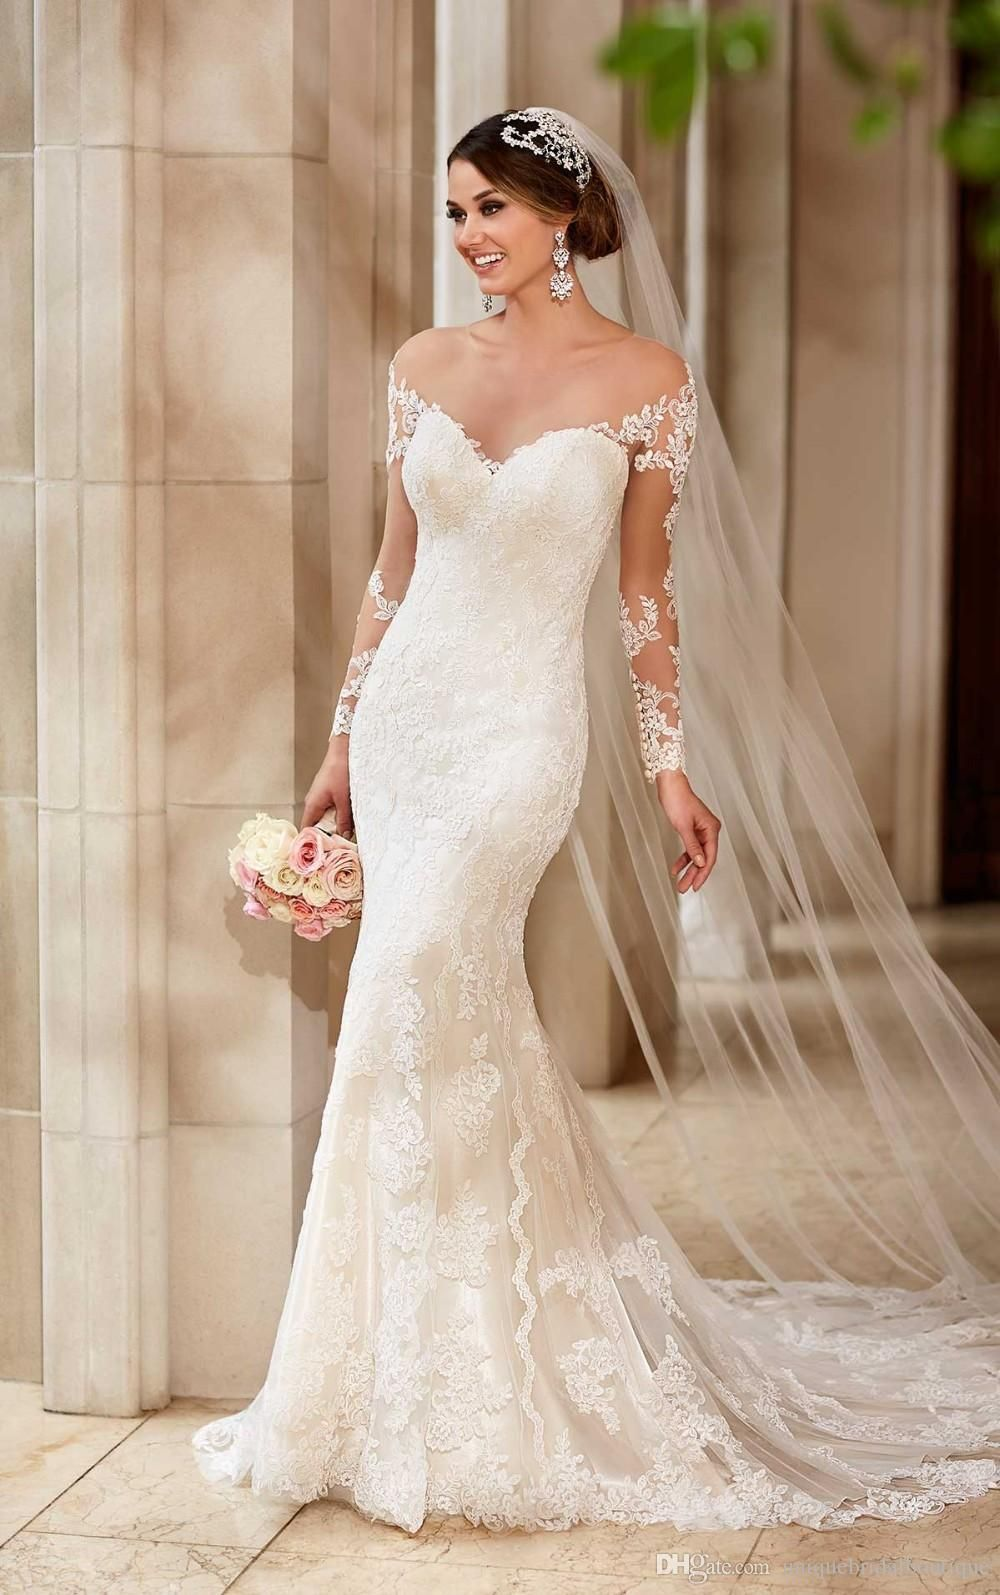 Cheap Wedding Dresses Under 100 Wedding Dress Long Sleeve Sleeved Wedding Cheap Wedding Dress